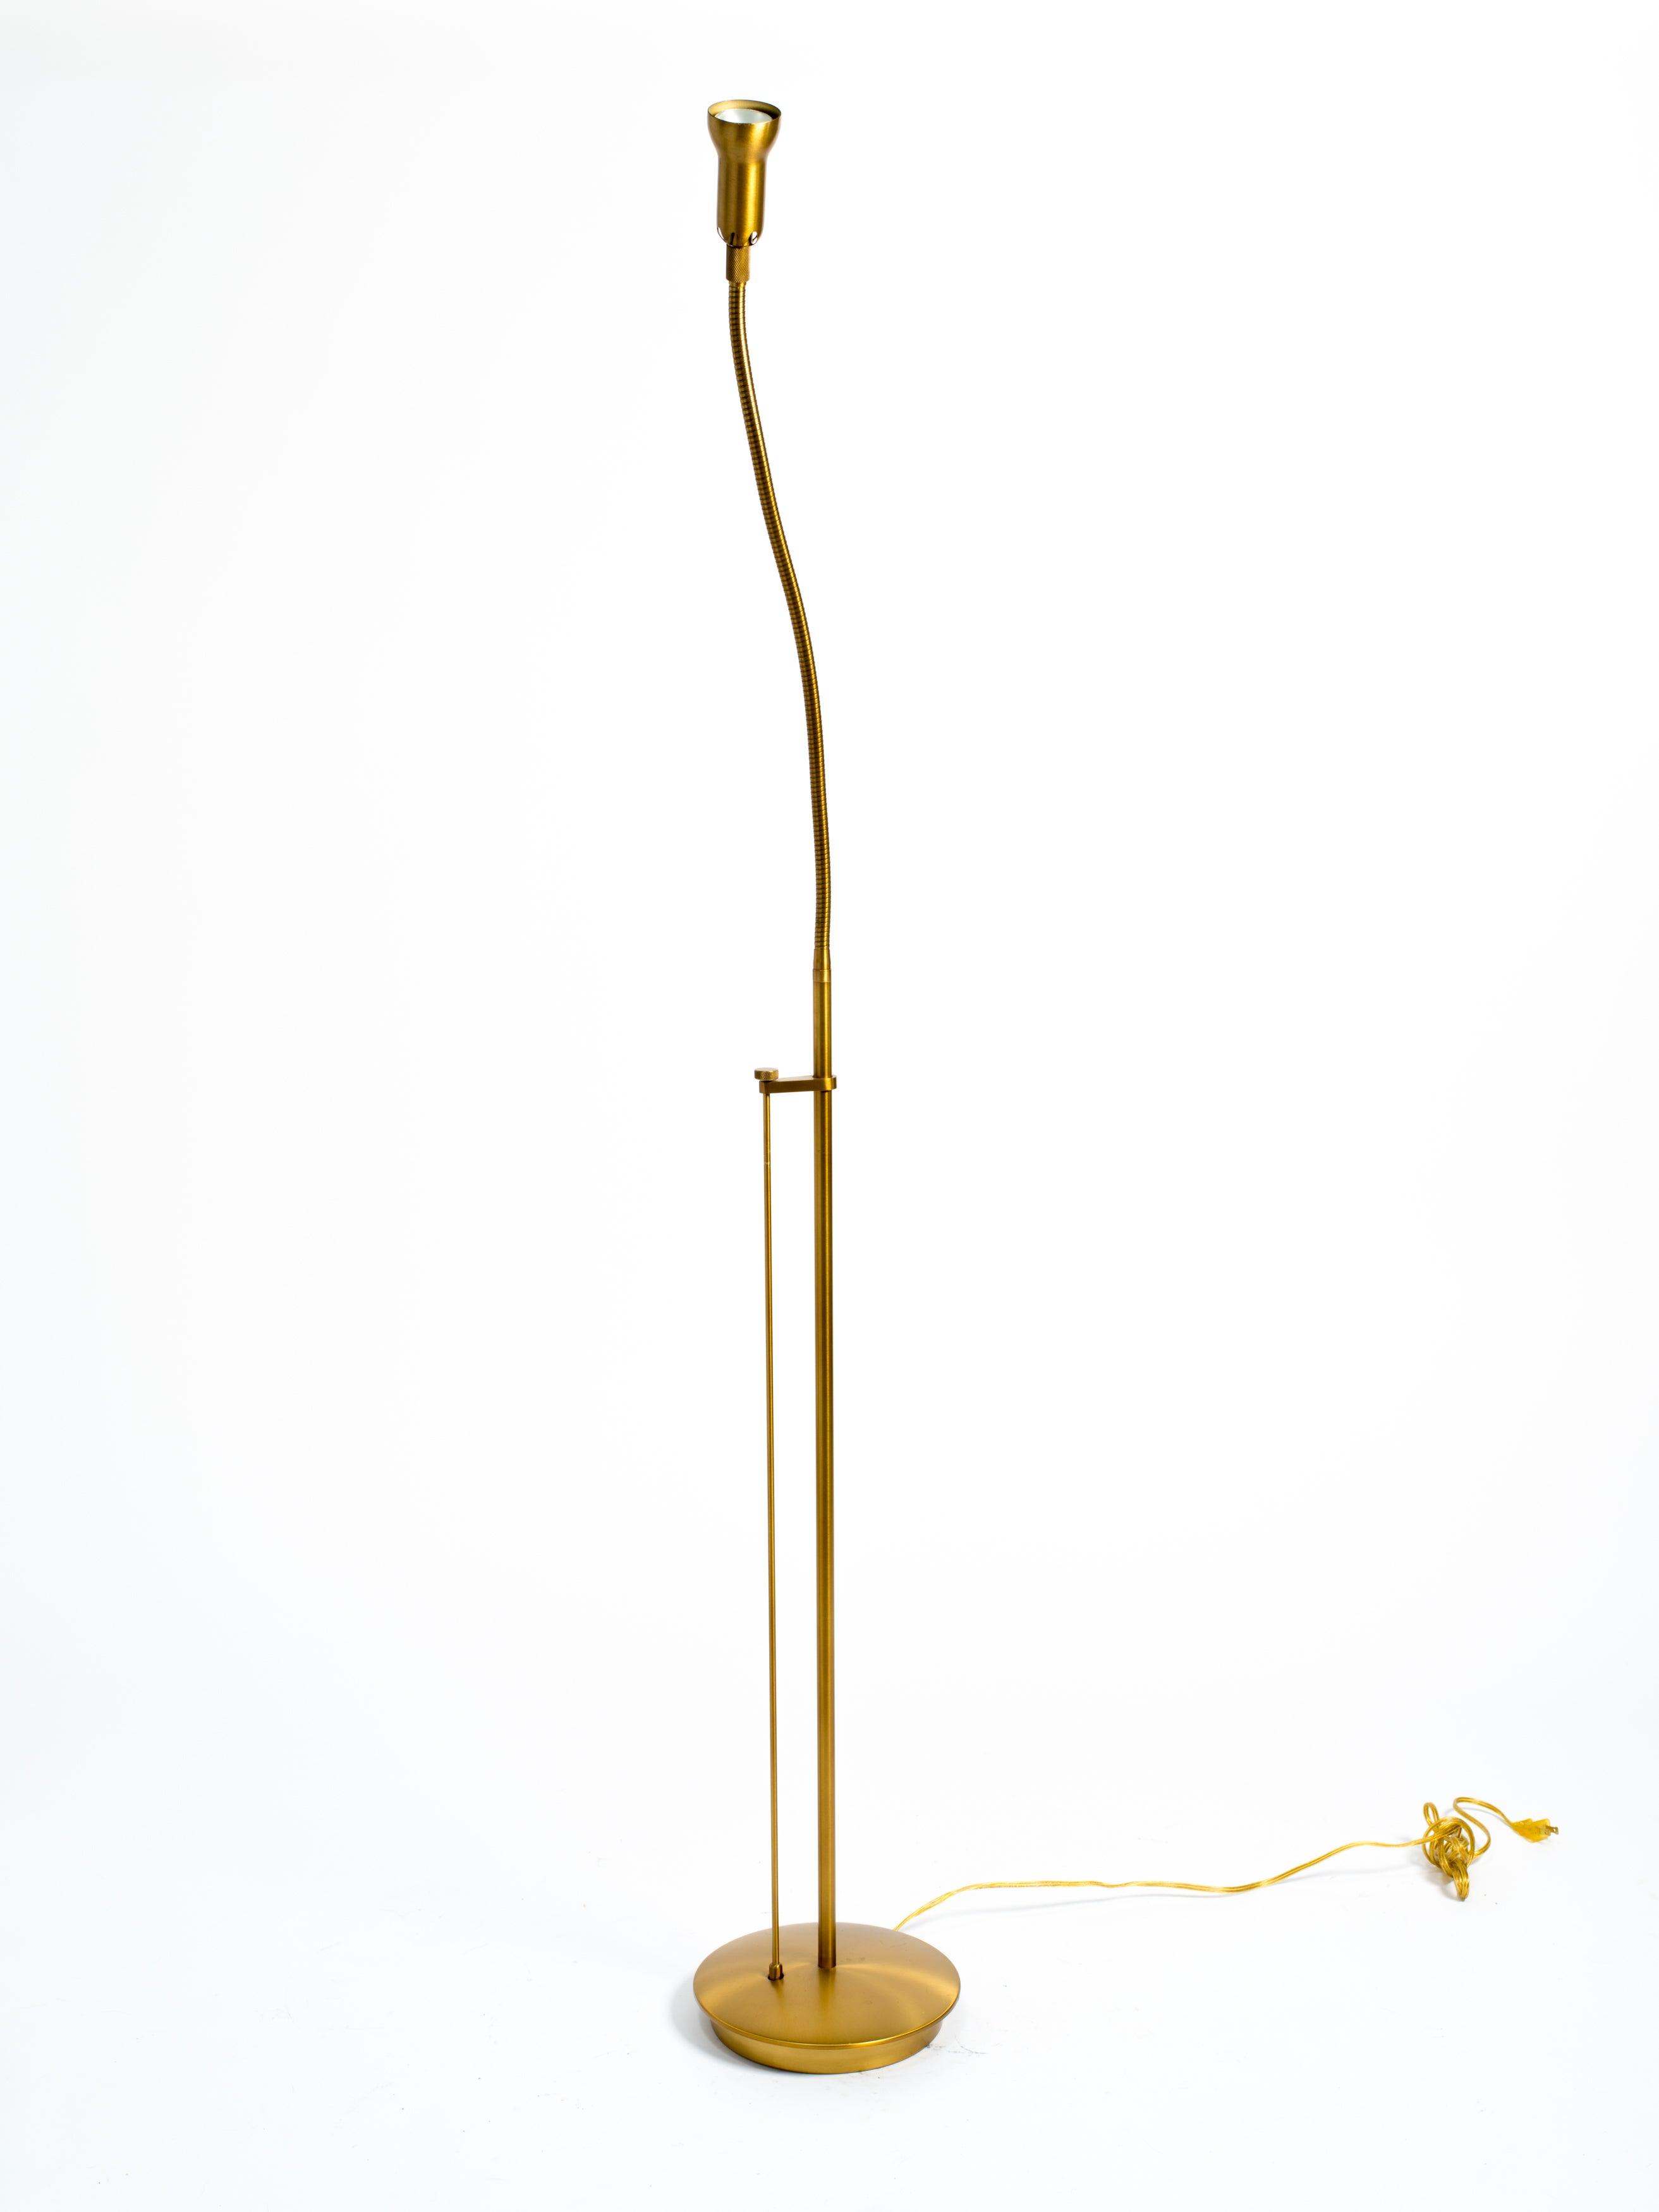 Brass Gooseneck Floor Lamp For Sale At 1stdibs